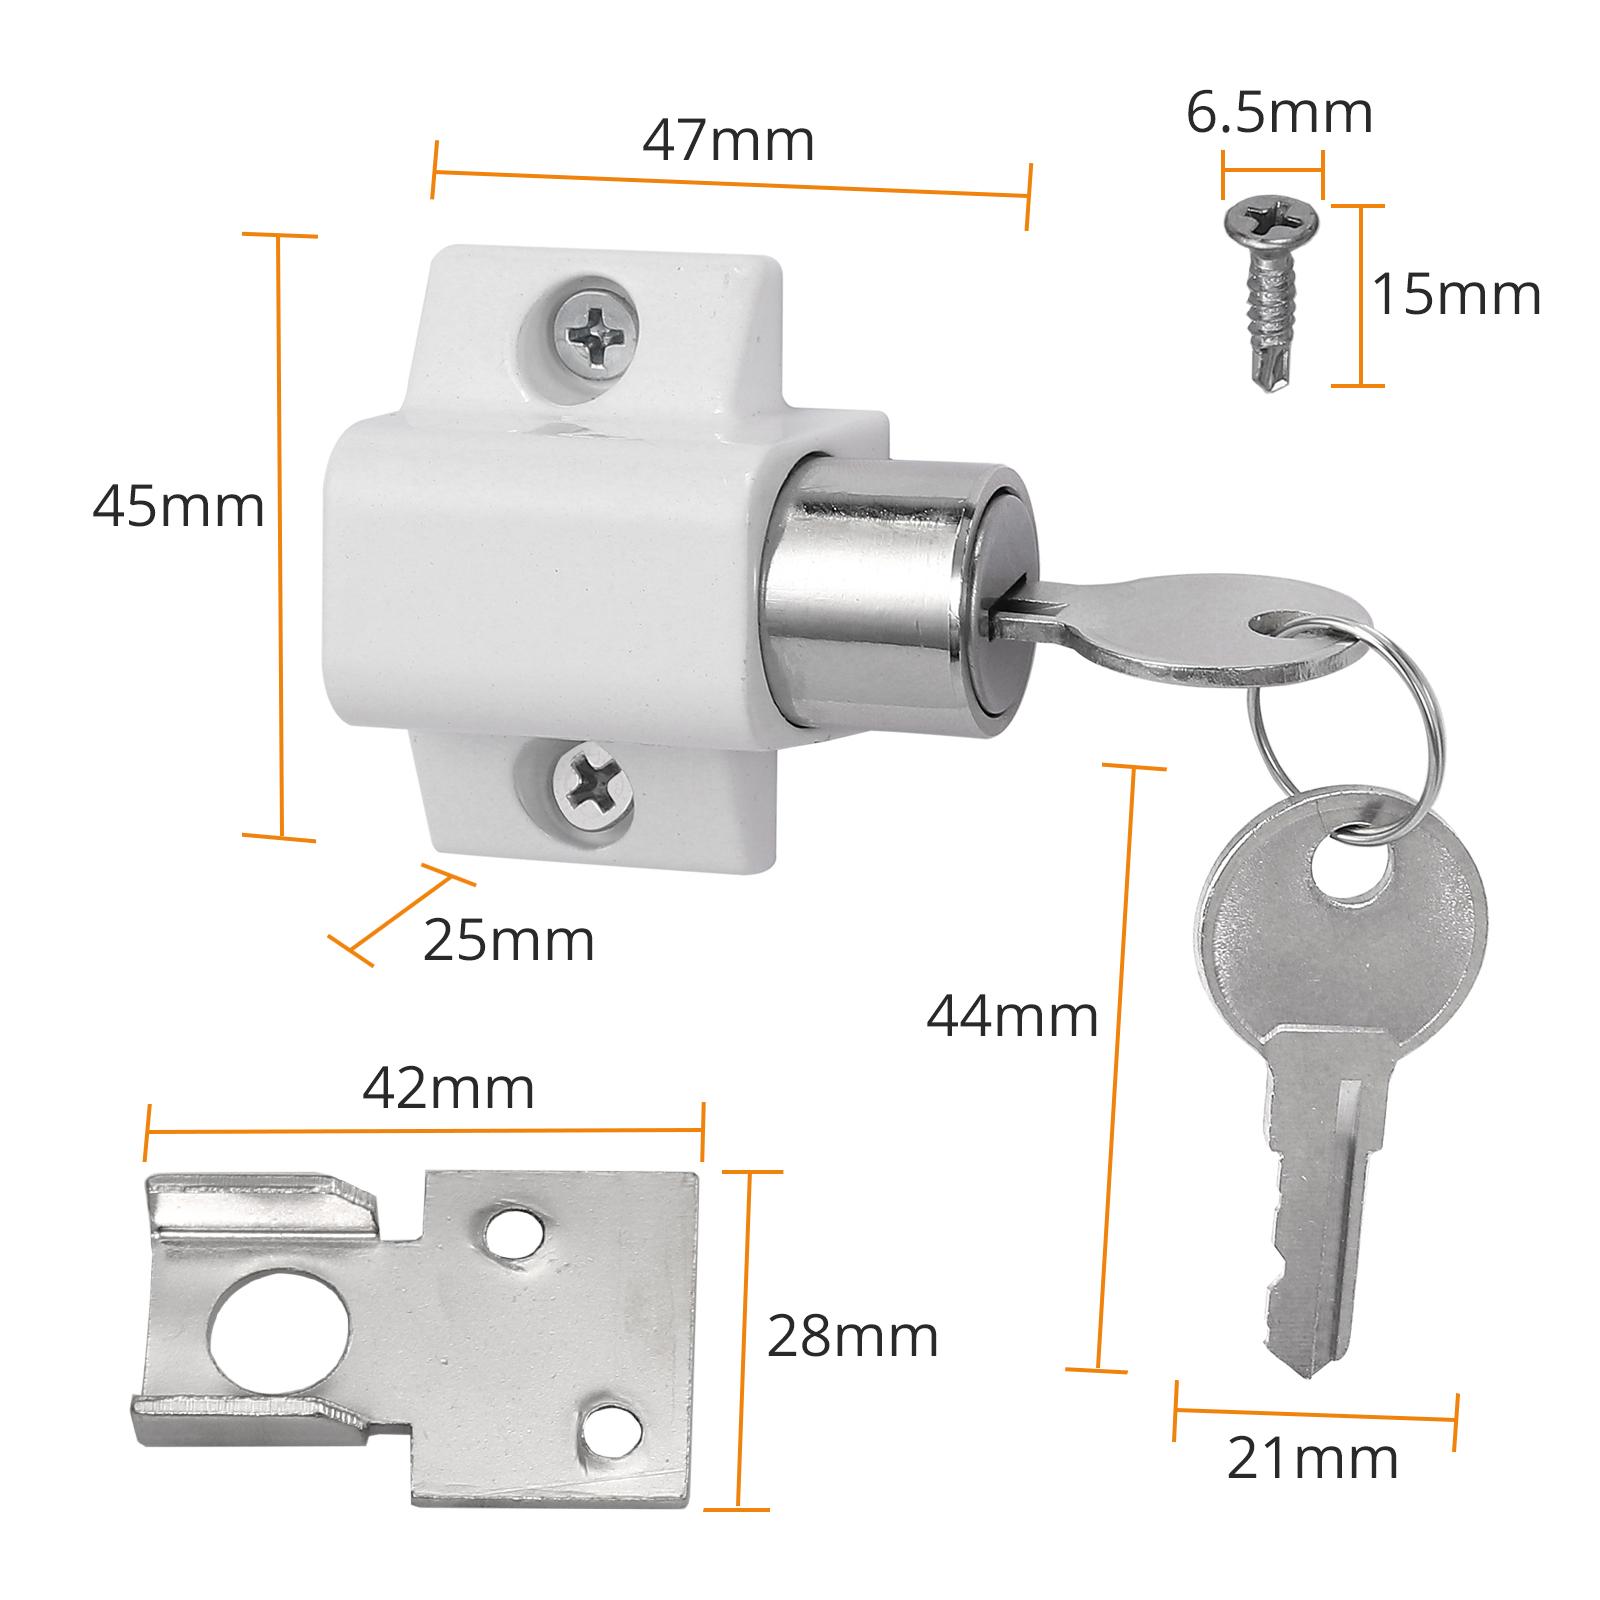 blanco 10 unidades Cerradura de seguridad para puerta corredera y ventana autoadhesiva